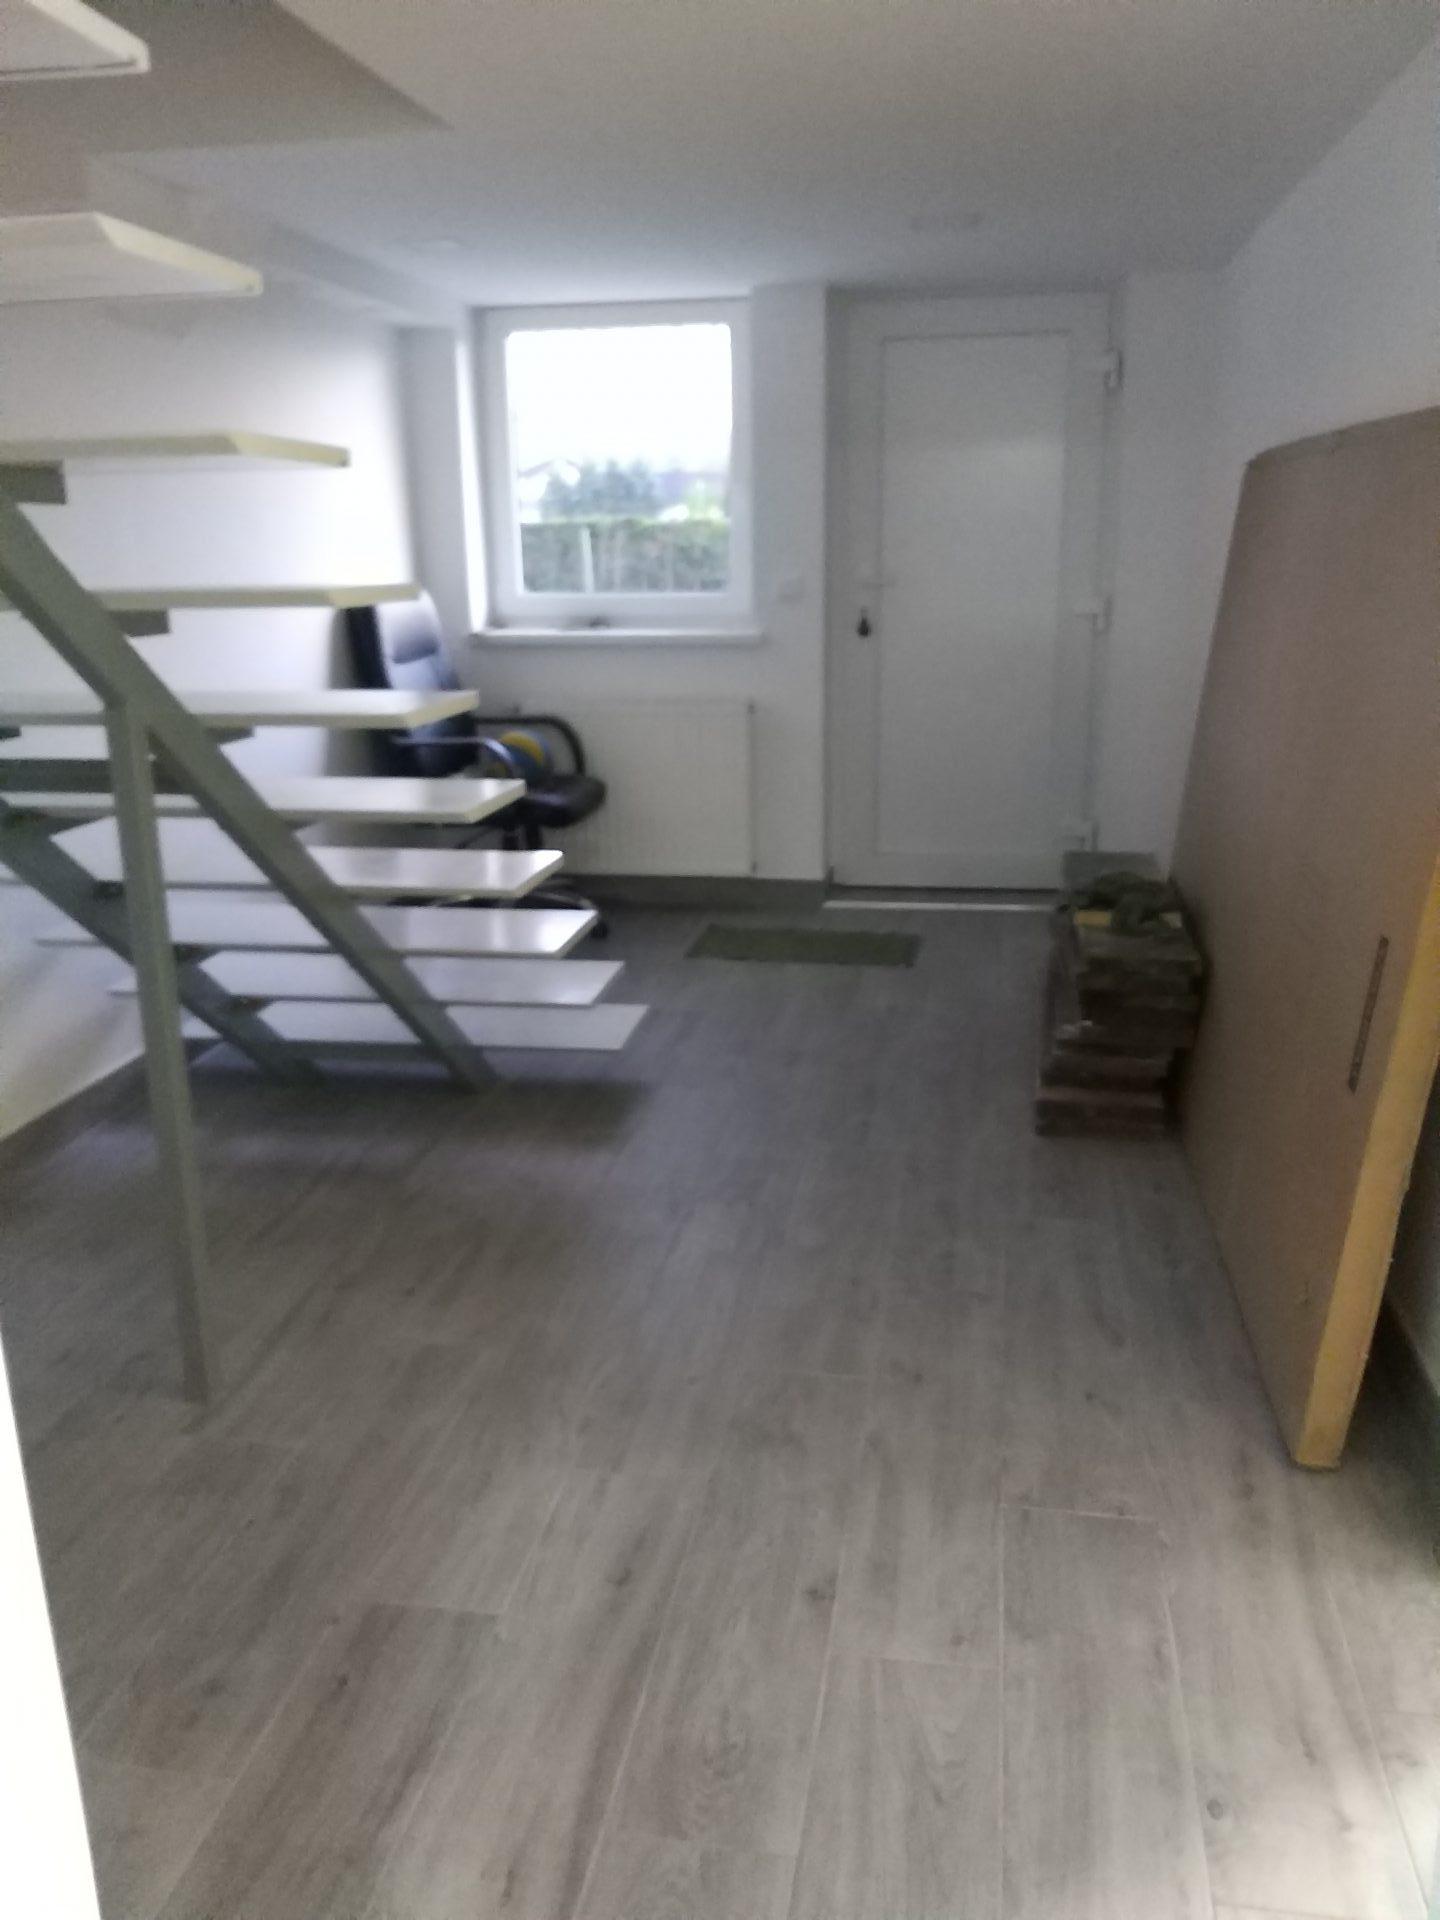 alrosa-eko-sanacija-stanovanja-20190417_194846